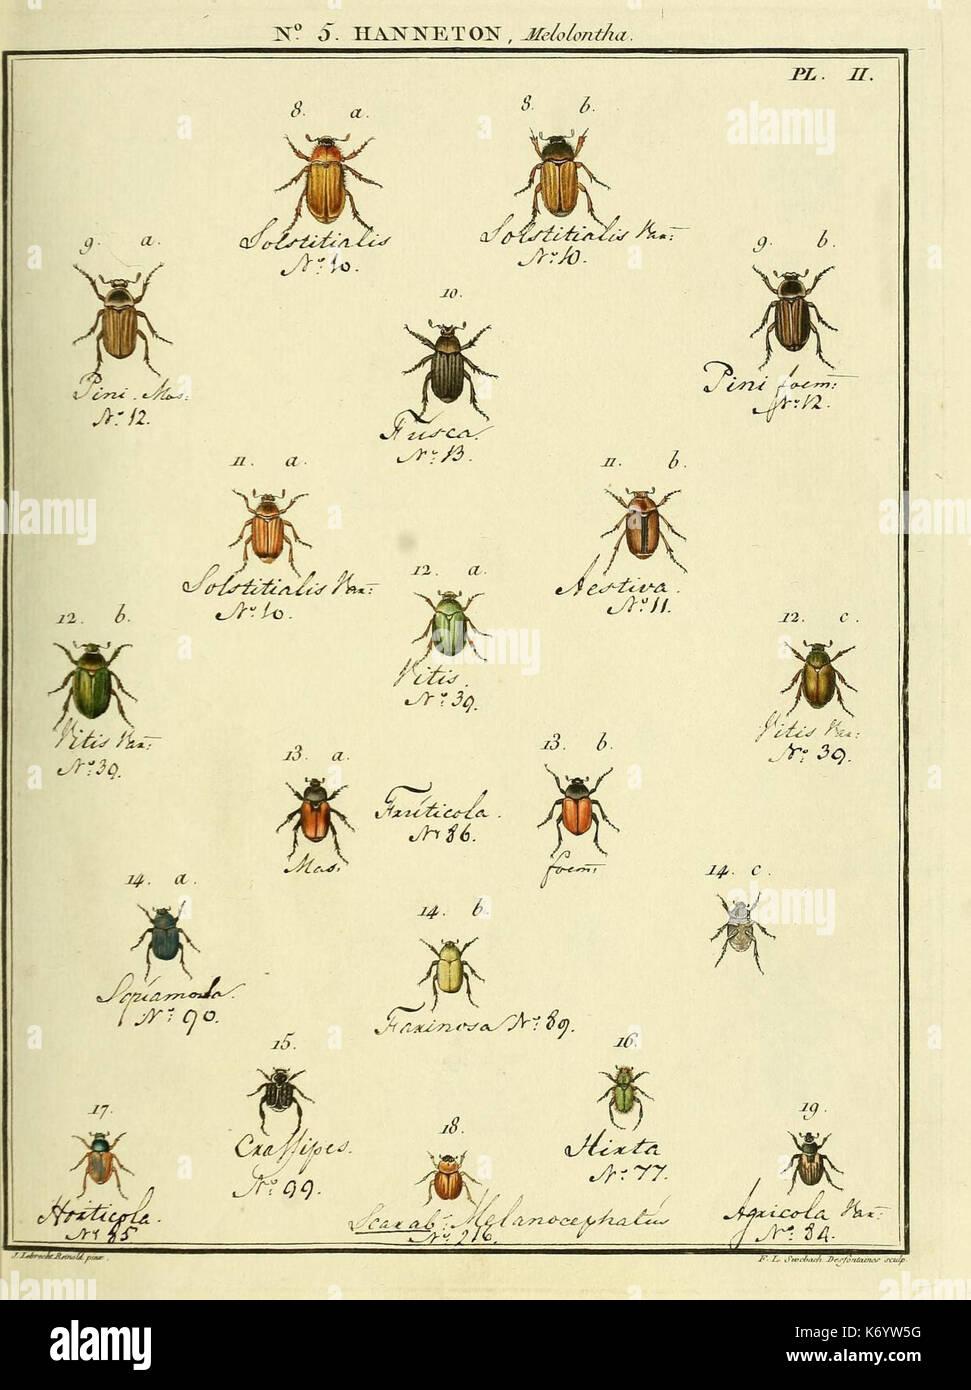 Entomologie, ou Histoire Naturelle des Insectes (Nr. 5 Hanneton Pl. II) (8112655625) Stockbild